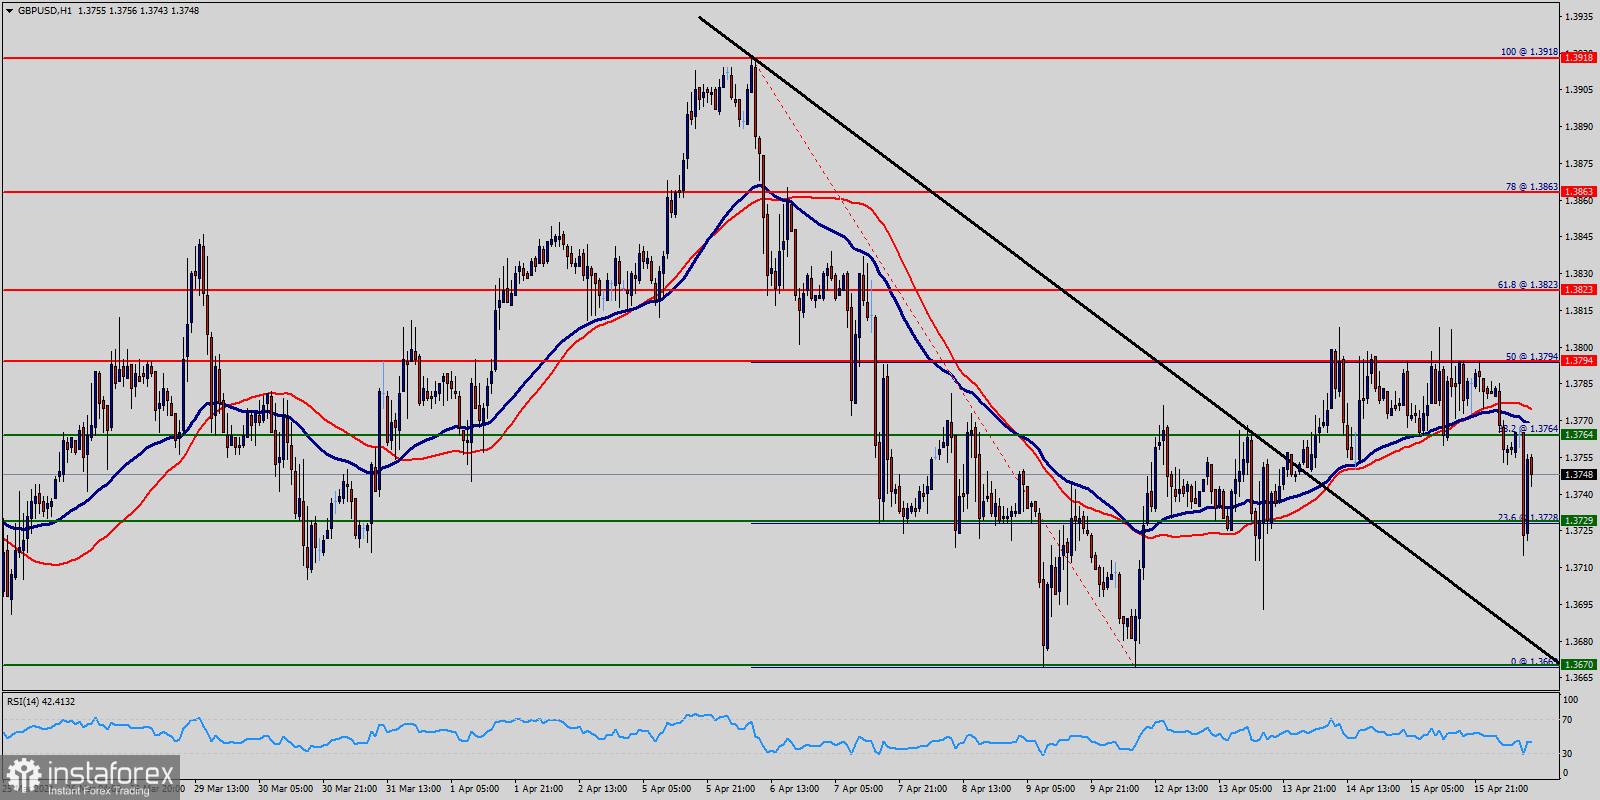 Технически анализ на GBP/USD за 16 април 2021 г.